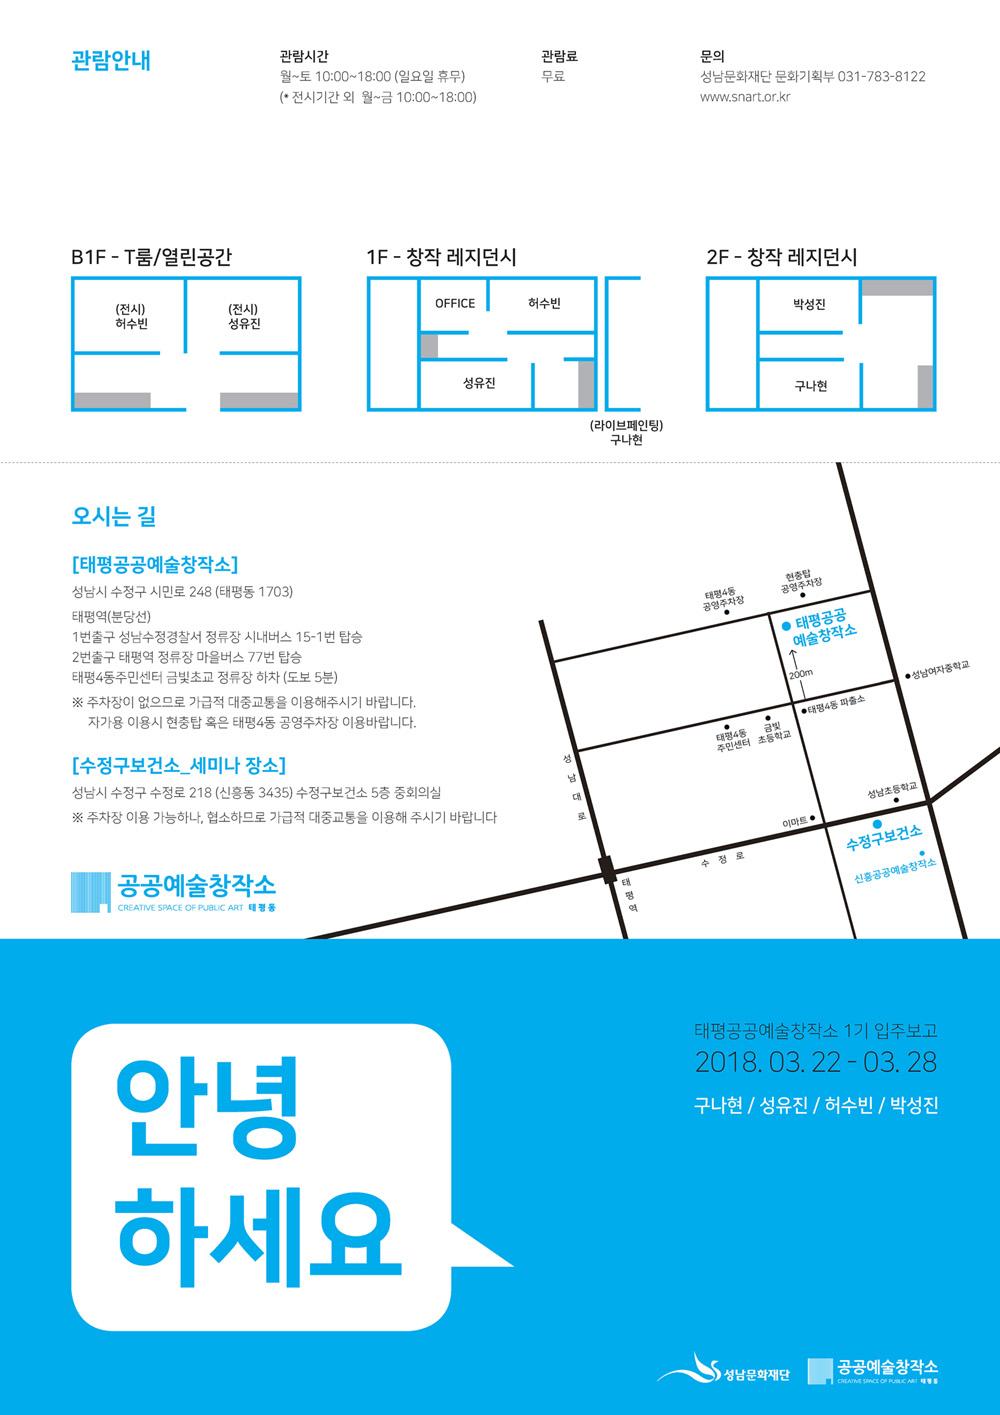 20180309_입주보고전 태평리플렛-최종_페이지_2.jpg